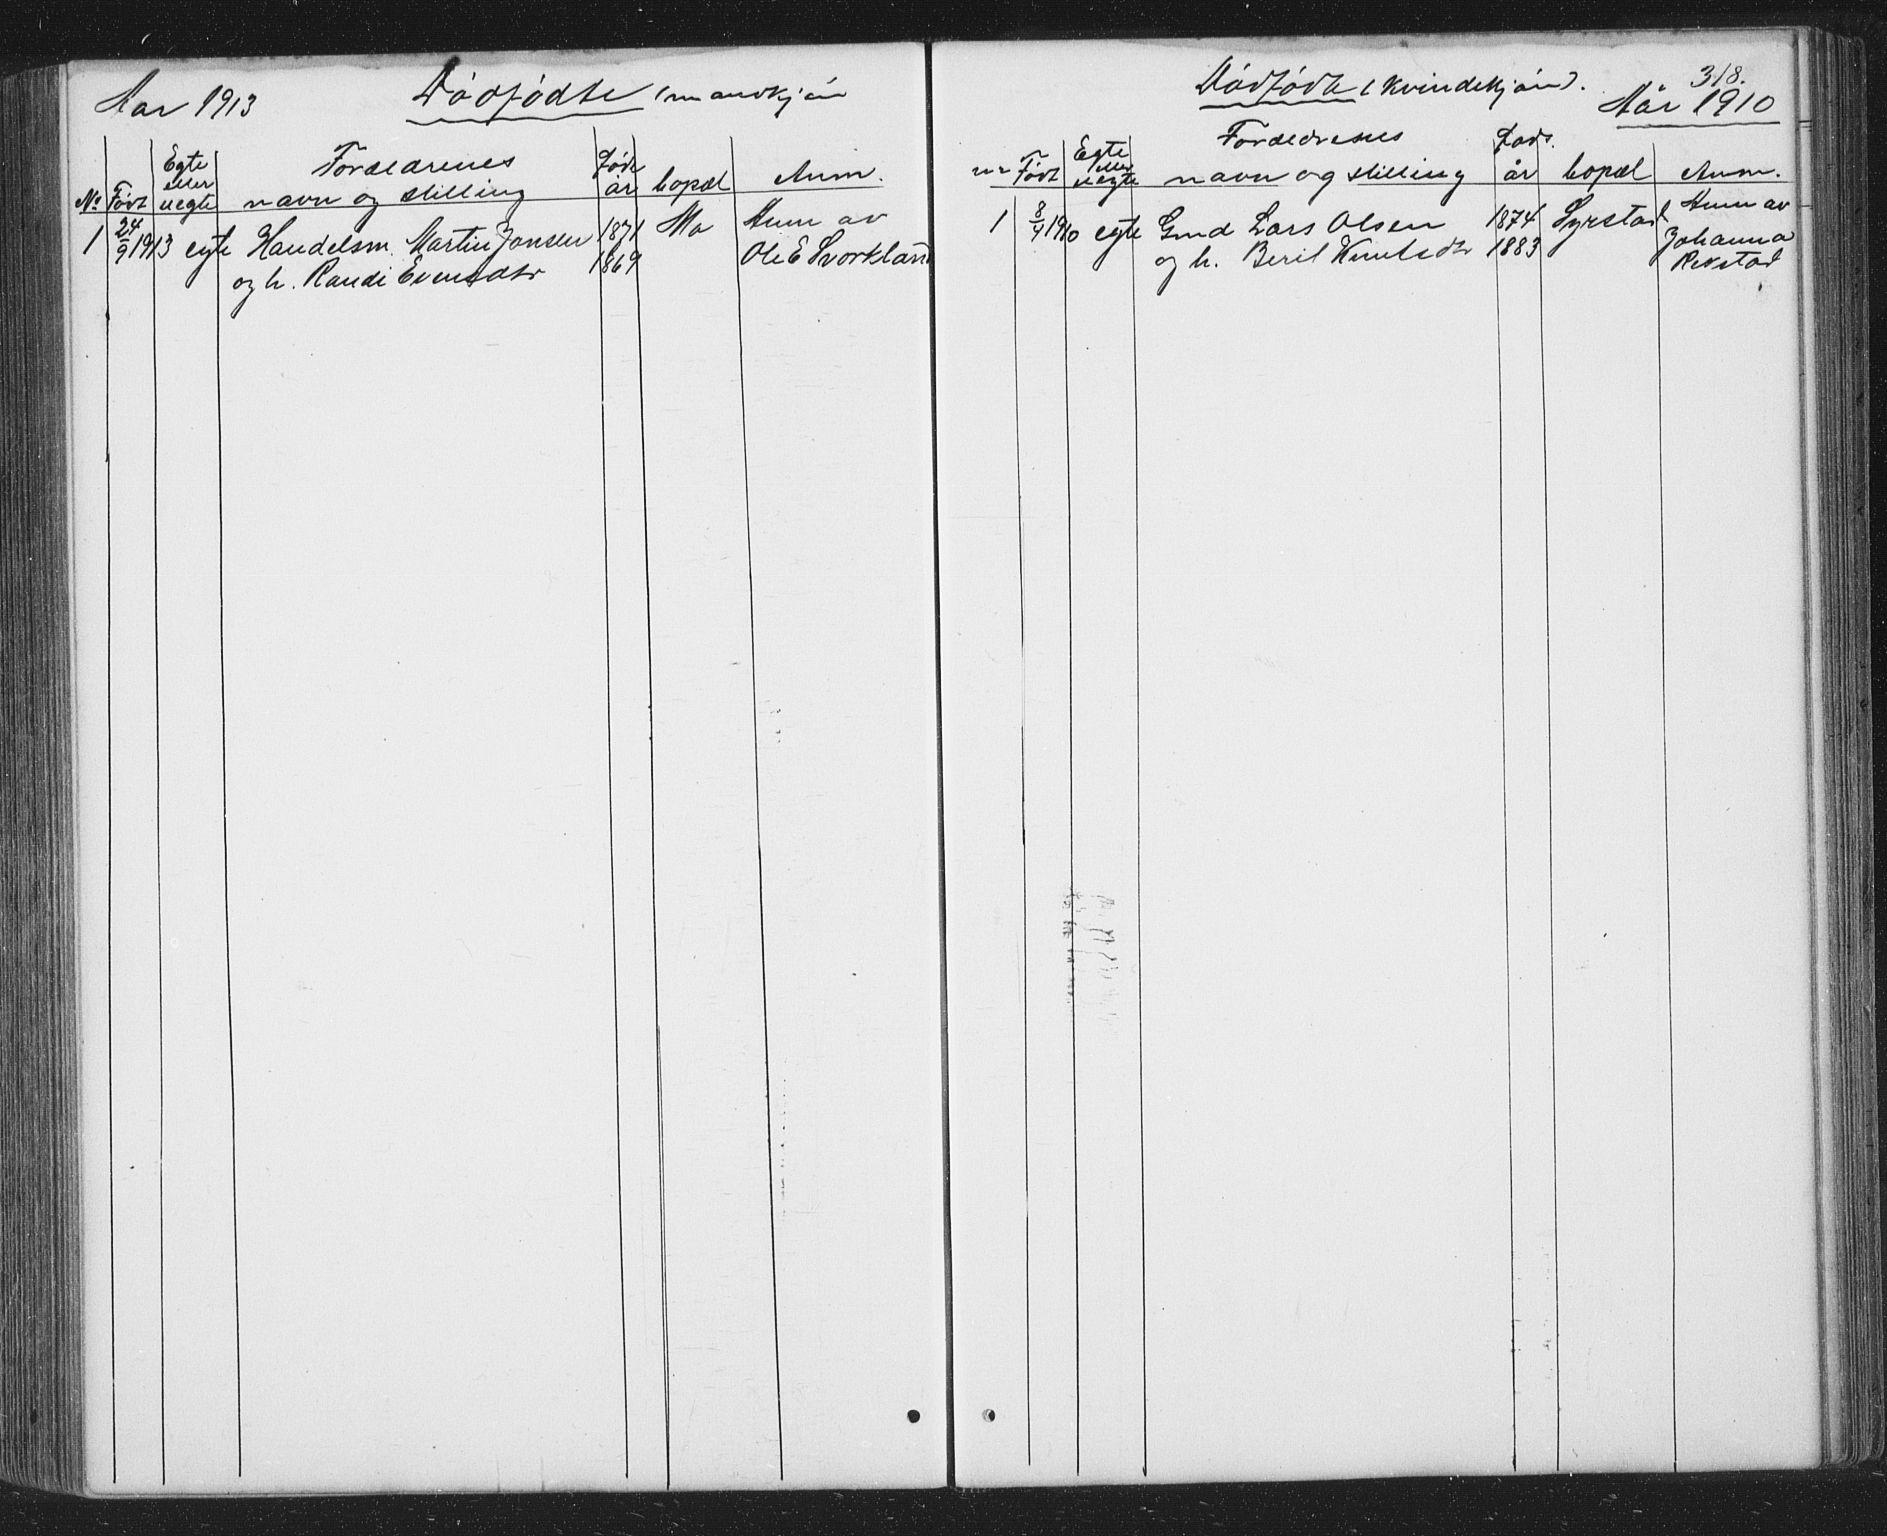 SAT, Ministerialprotokoller, klokkerbøker og fødselsregistre - Sør-Trøndelag, 667/L0798: Klokkerbok nr. 667C03, 1867-1929, s. 318